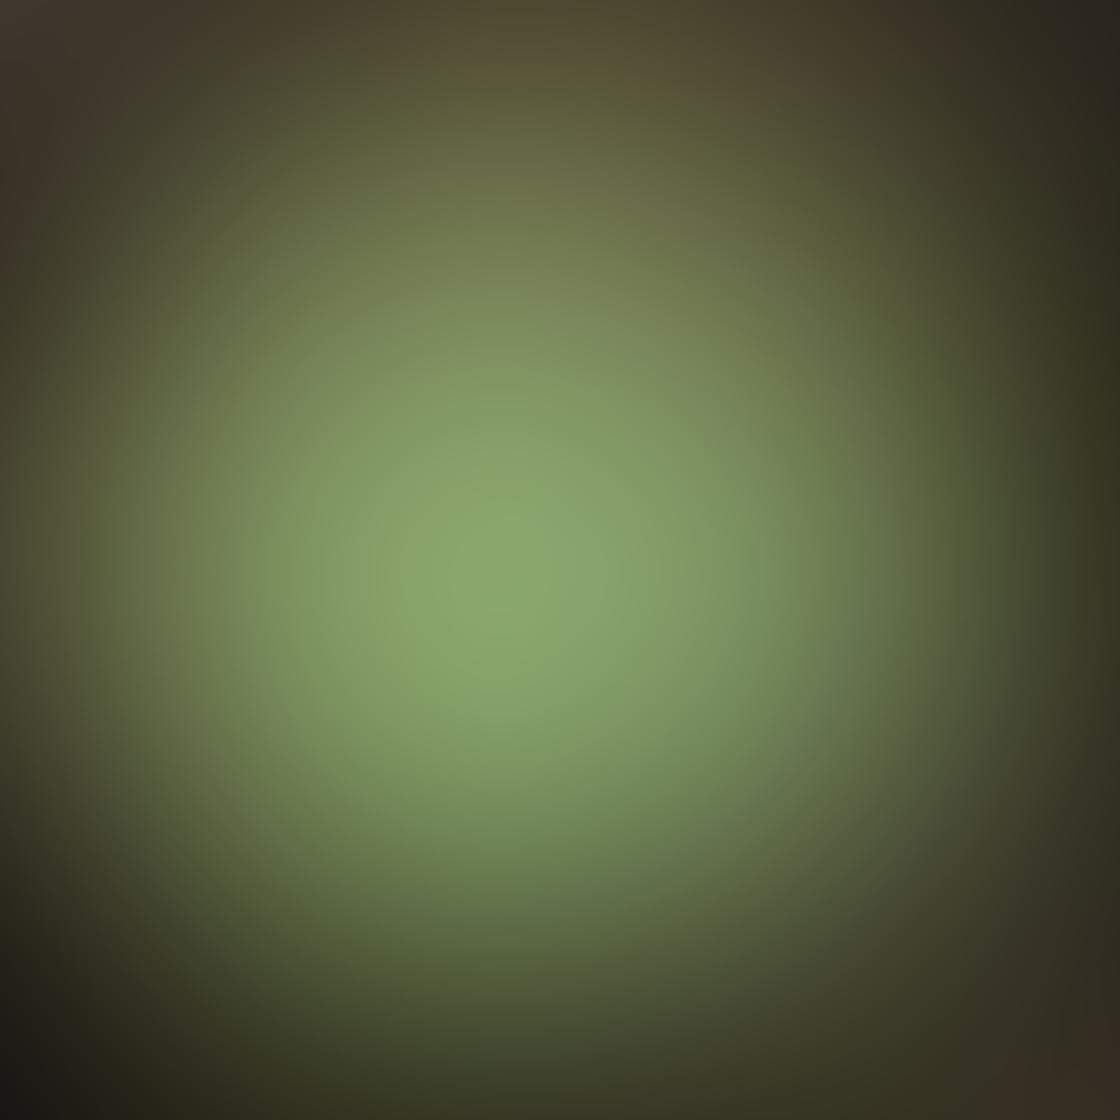 Green iPhone Photos 17